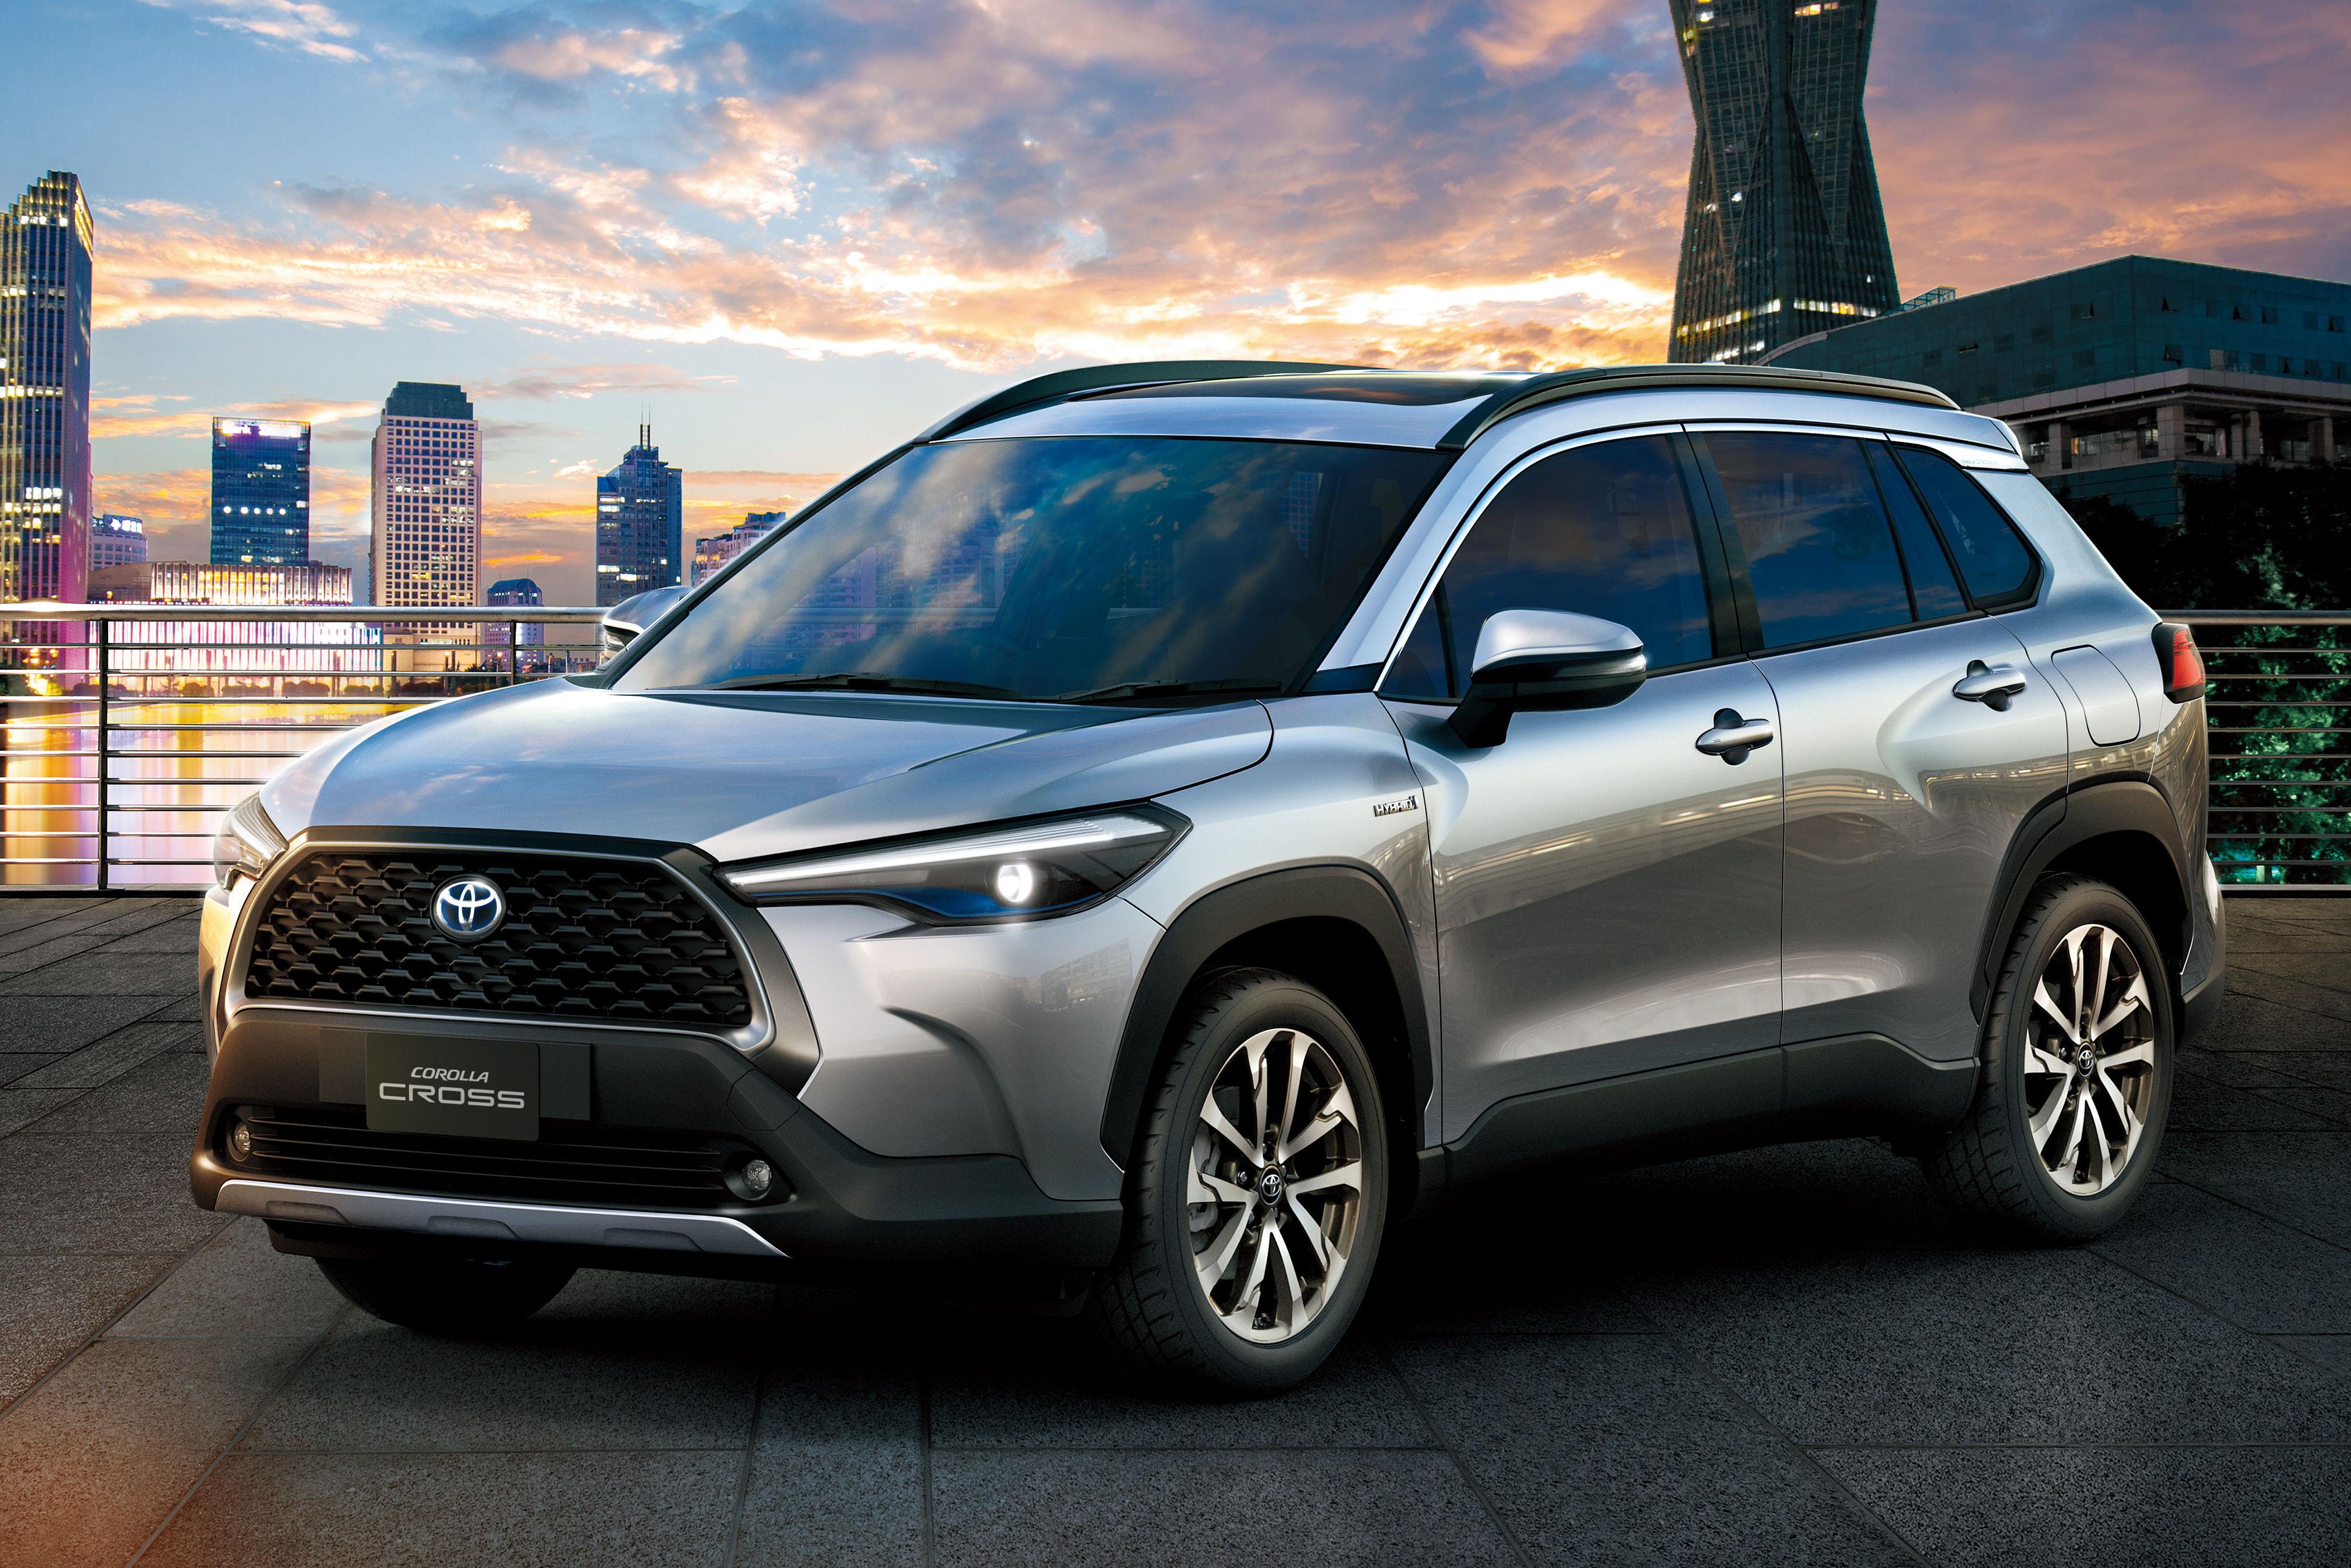 Corolla Cross Novo Suv Da Toyota Tem Porte Do Compass E Motor Hibrido Quatro Rodas